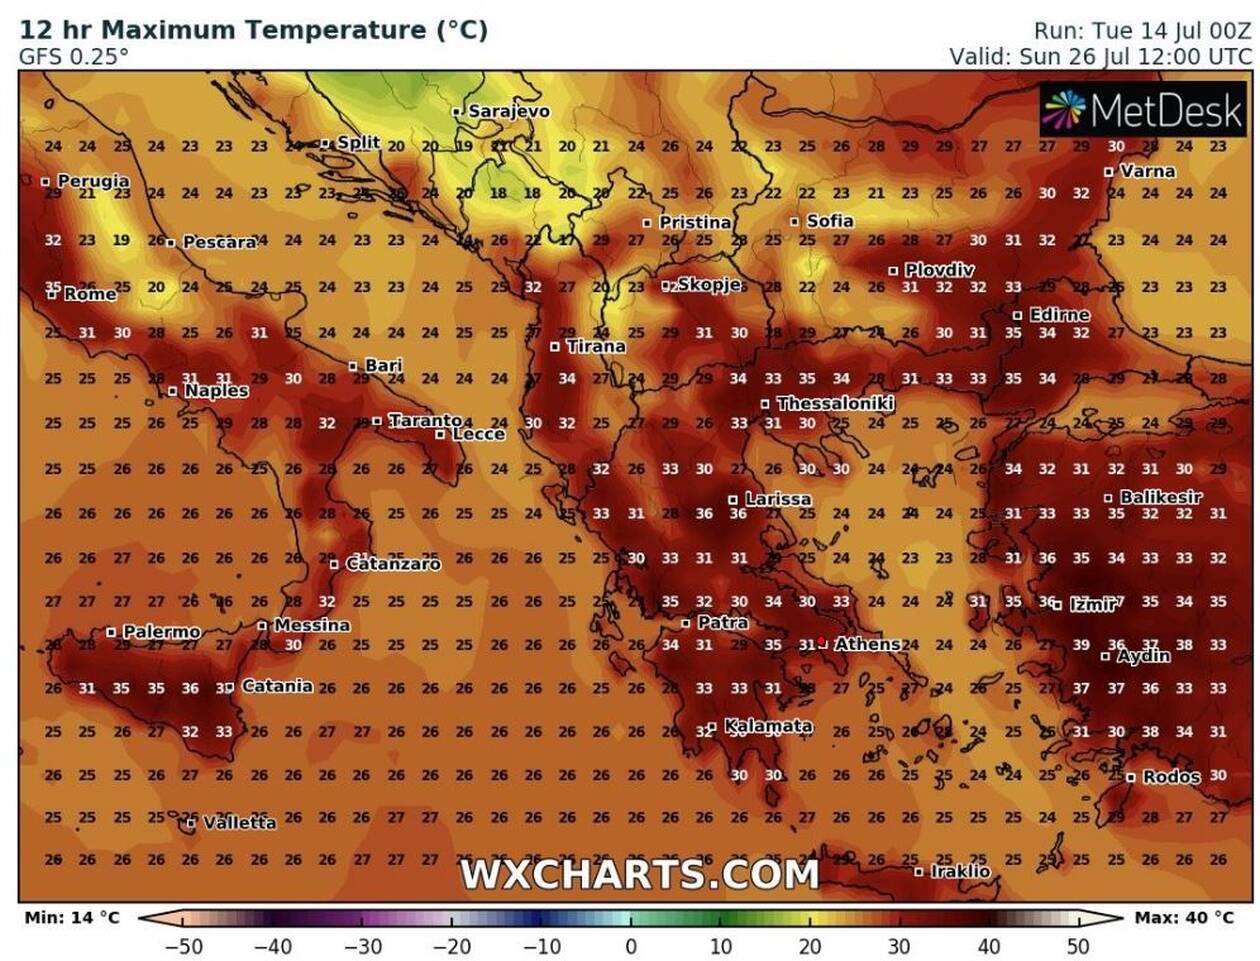 Δείτε πως θα κυμανθεί ο καιρός στη Λάρισα για τις επόμενες δέκα ήμερες! Καρέ - καρέ οι θερμοκρασίες στην πόλη (φωτο)